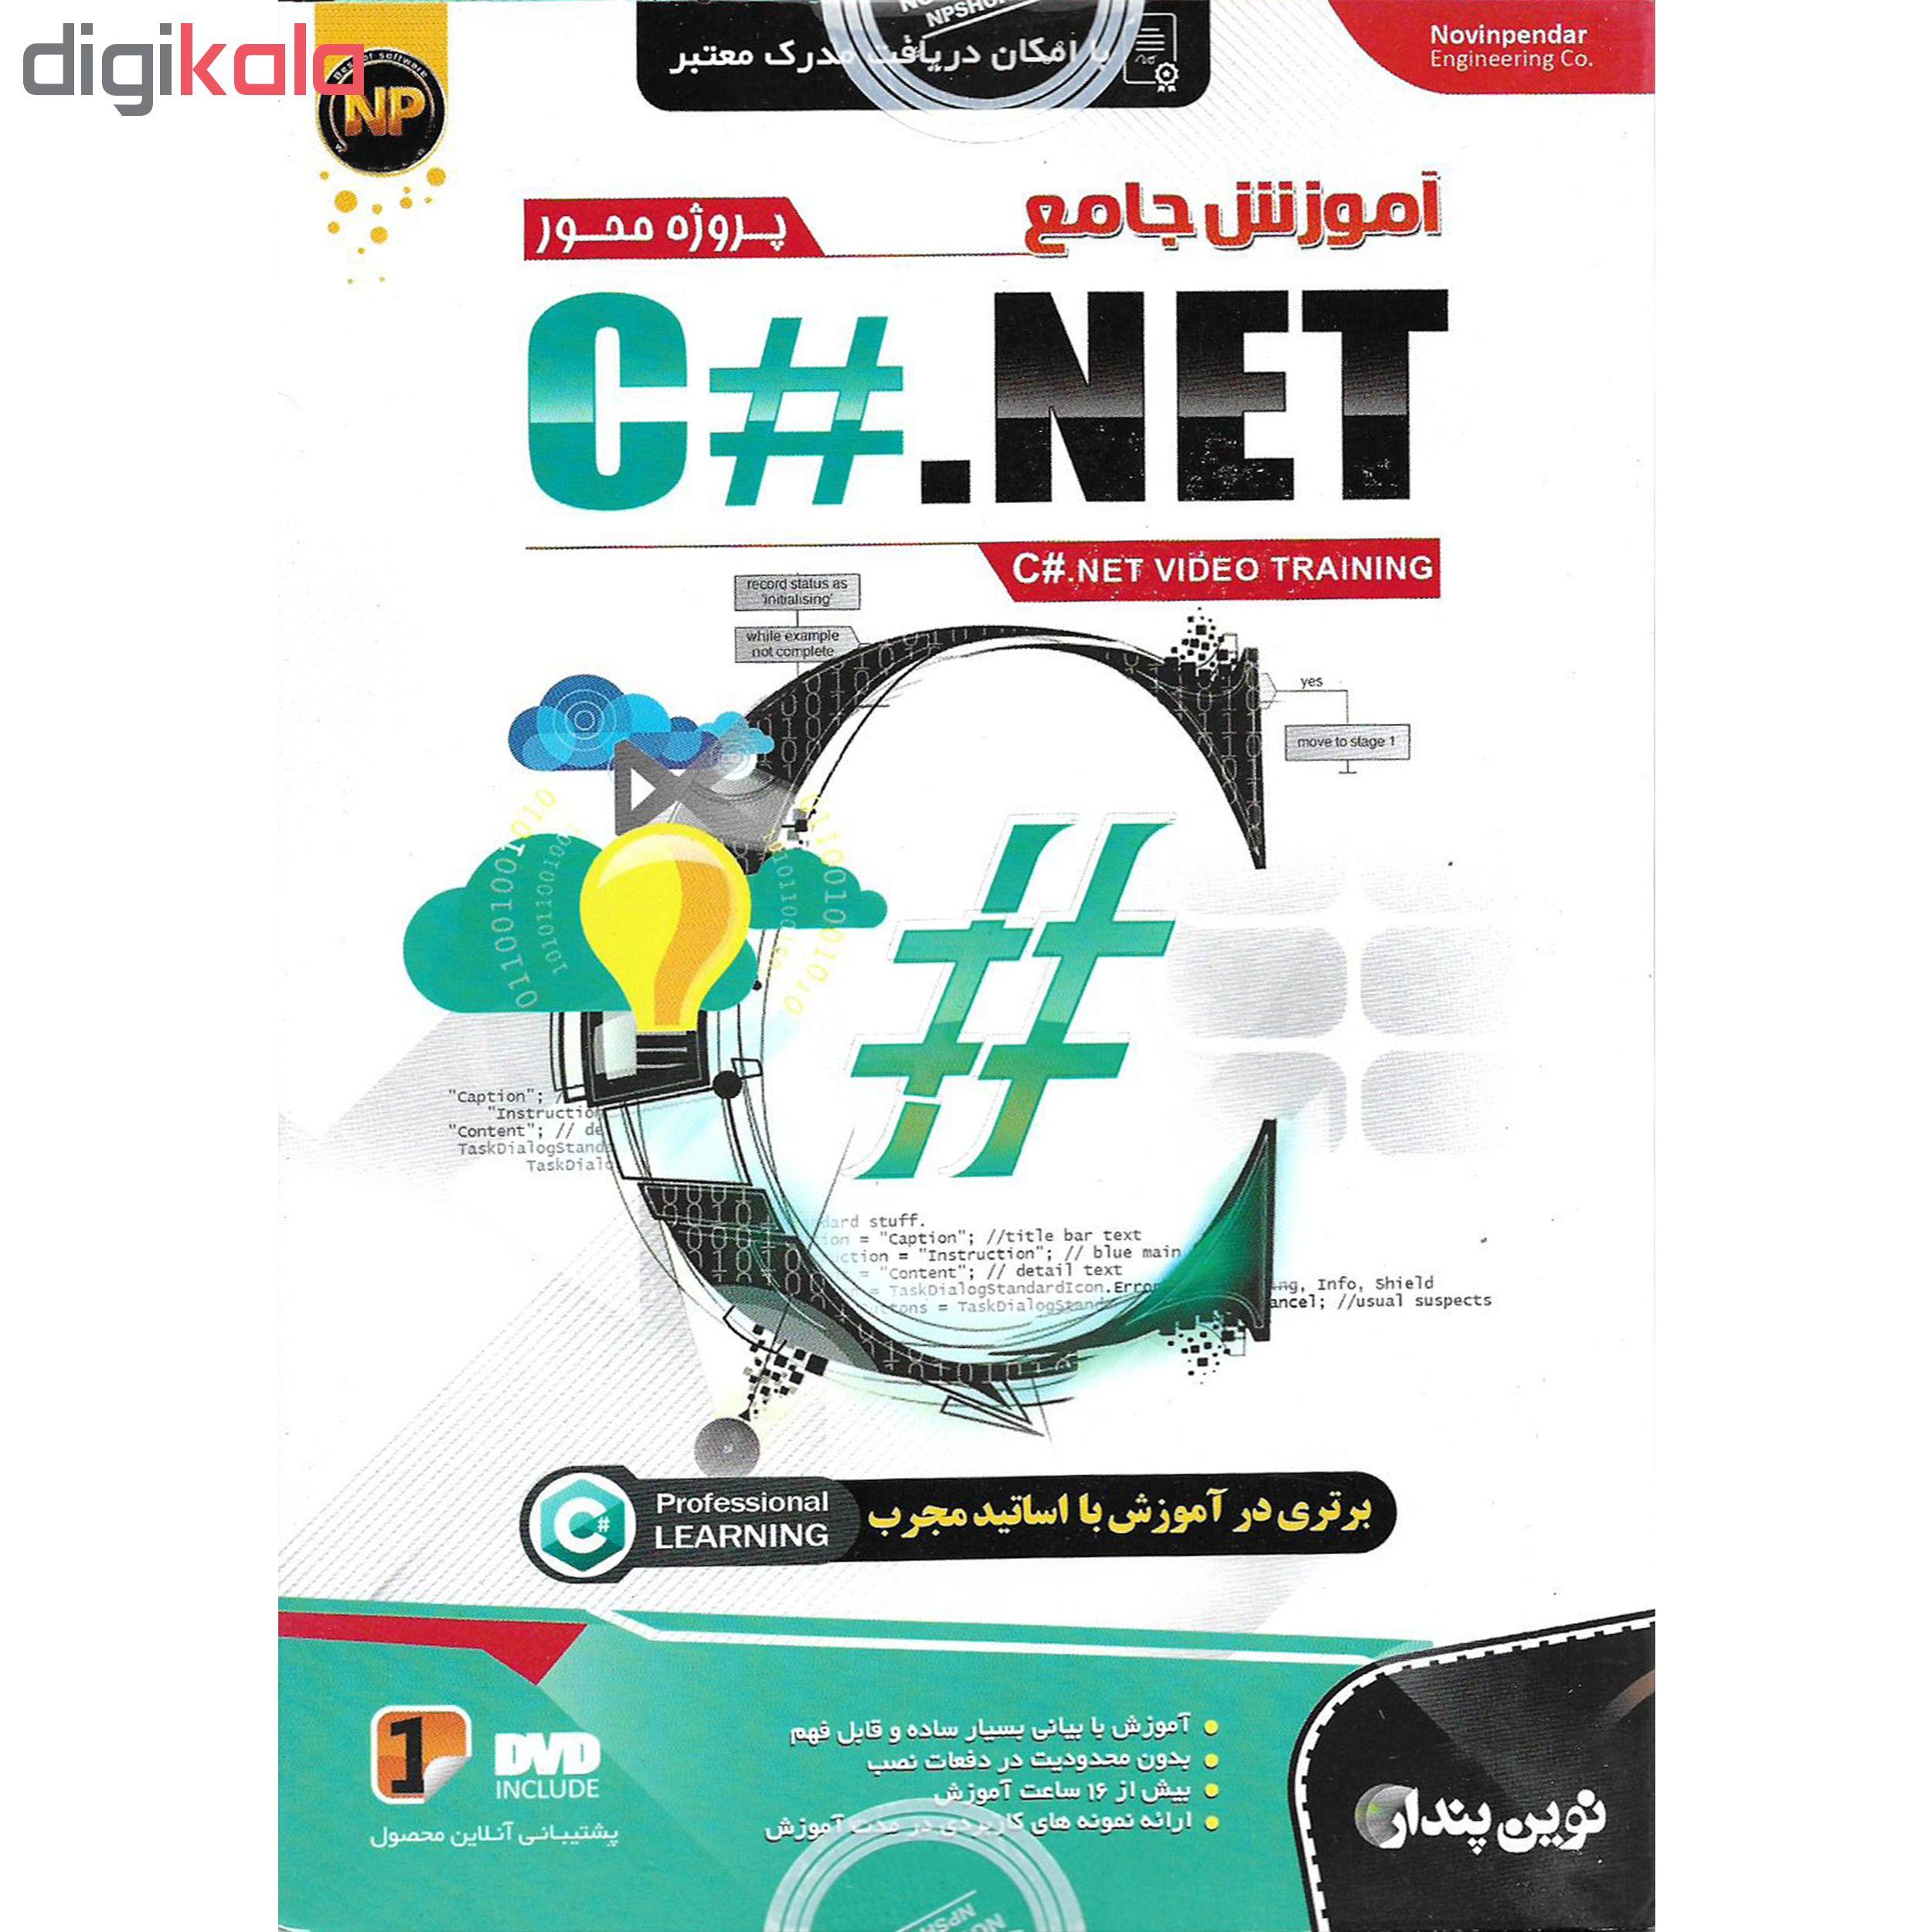 نرم افزار آموزش پروژه محور C#.NET نشر نوین پندار به همراه نرم افزار آموزش ++C نشر پدیده